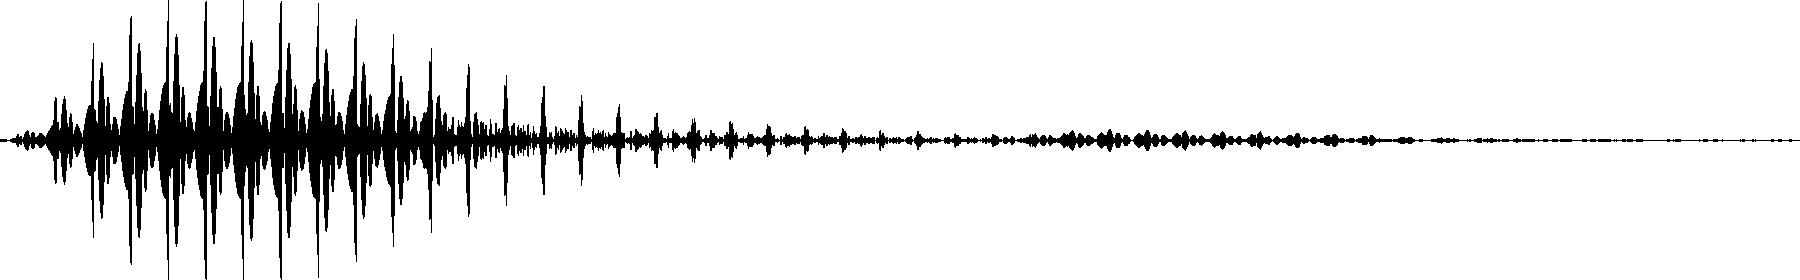 ps480 b6